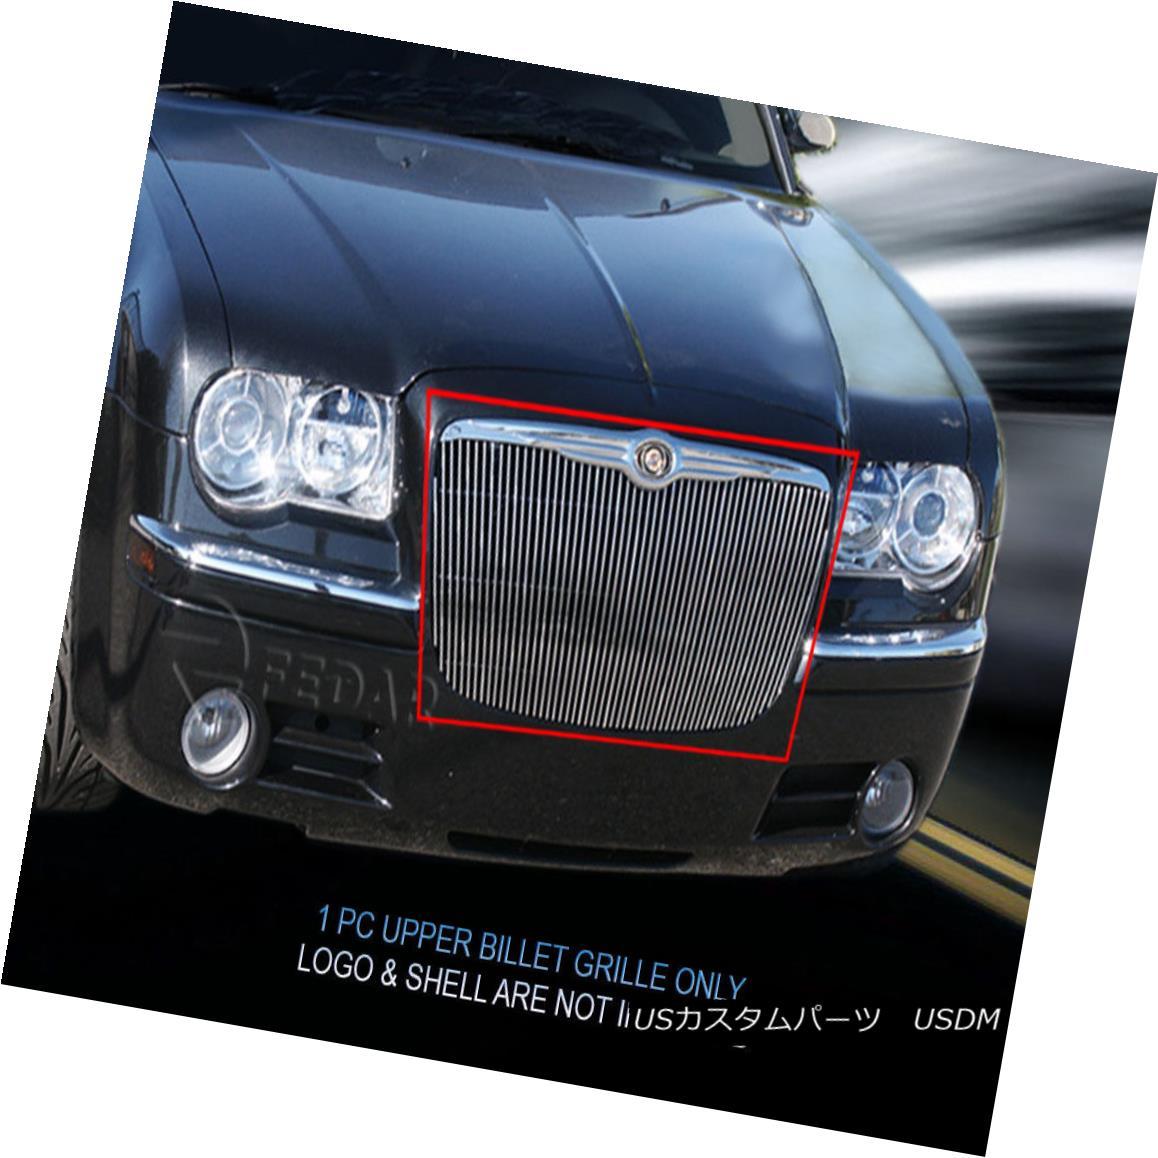 グリル For 05-10 Chrysler 300C Billet Grille Upper Grill Vertical Insert Fedar 05-10クライスラー300Cビレットグリルアッパーグリル垂直インサートFedar